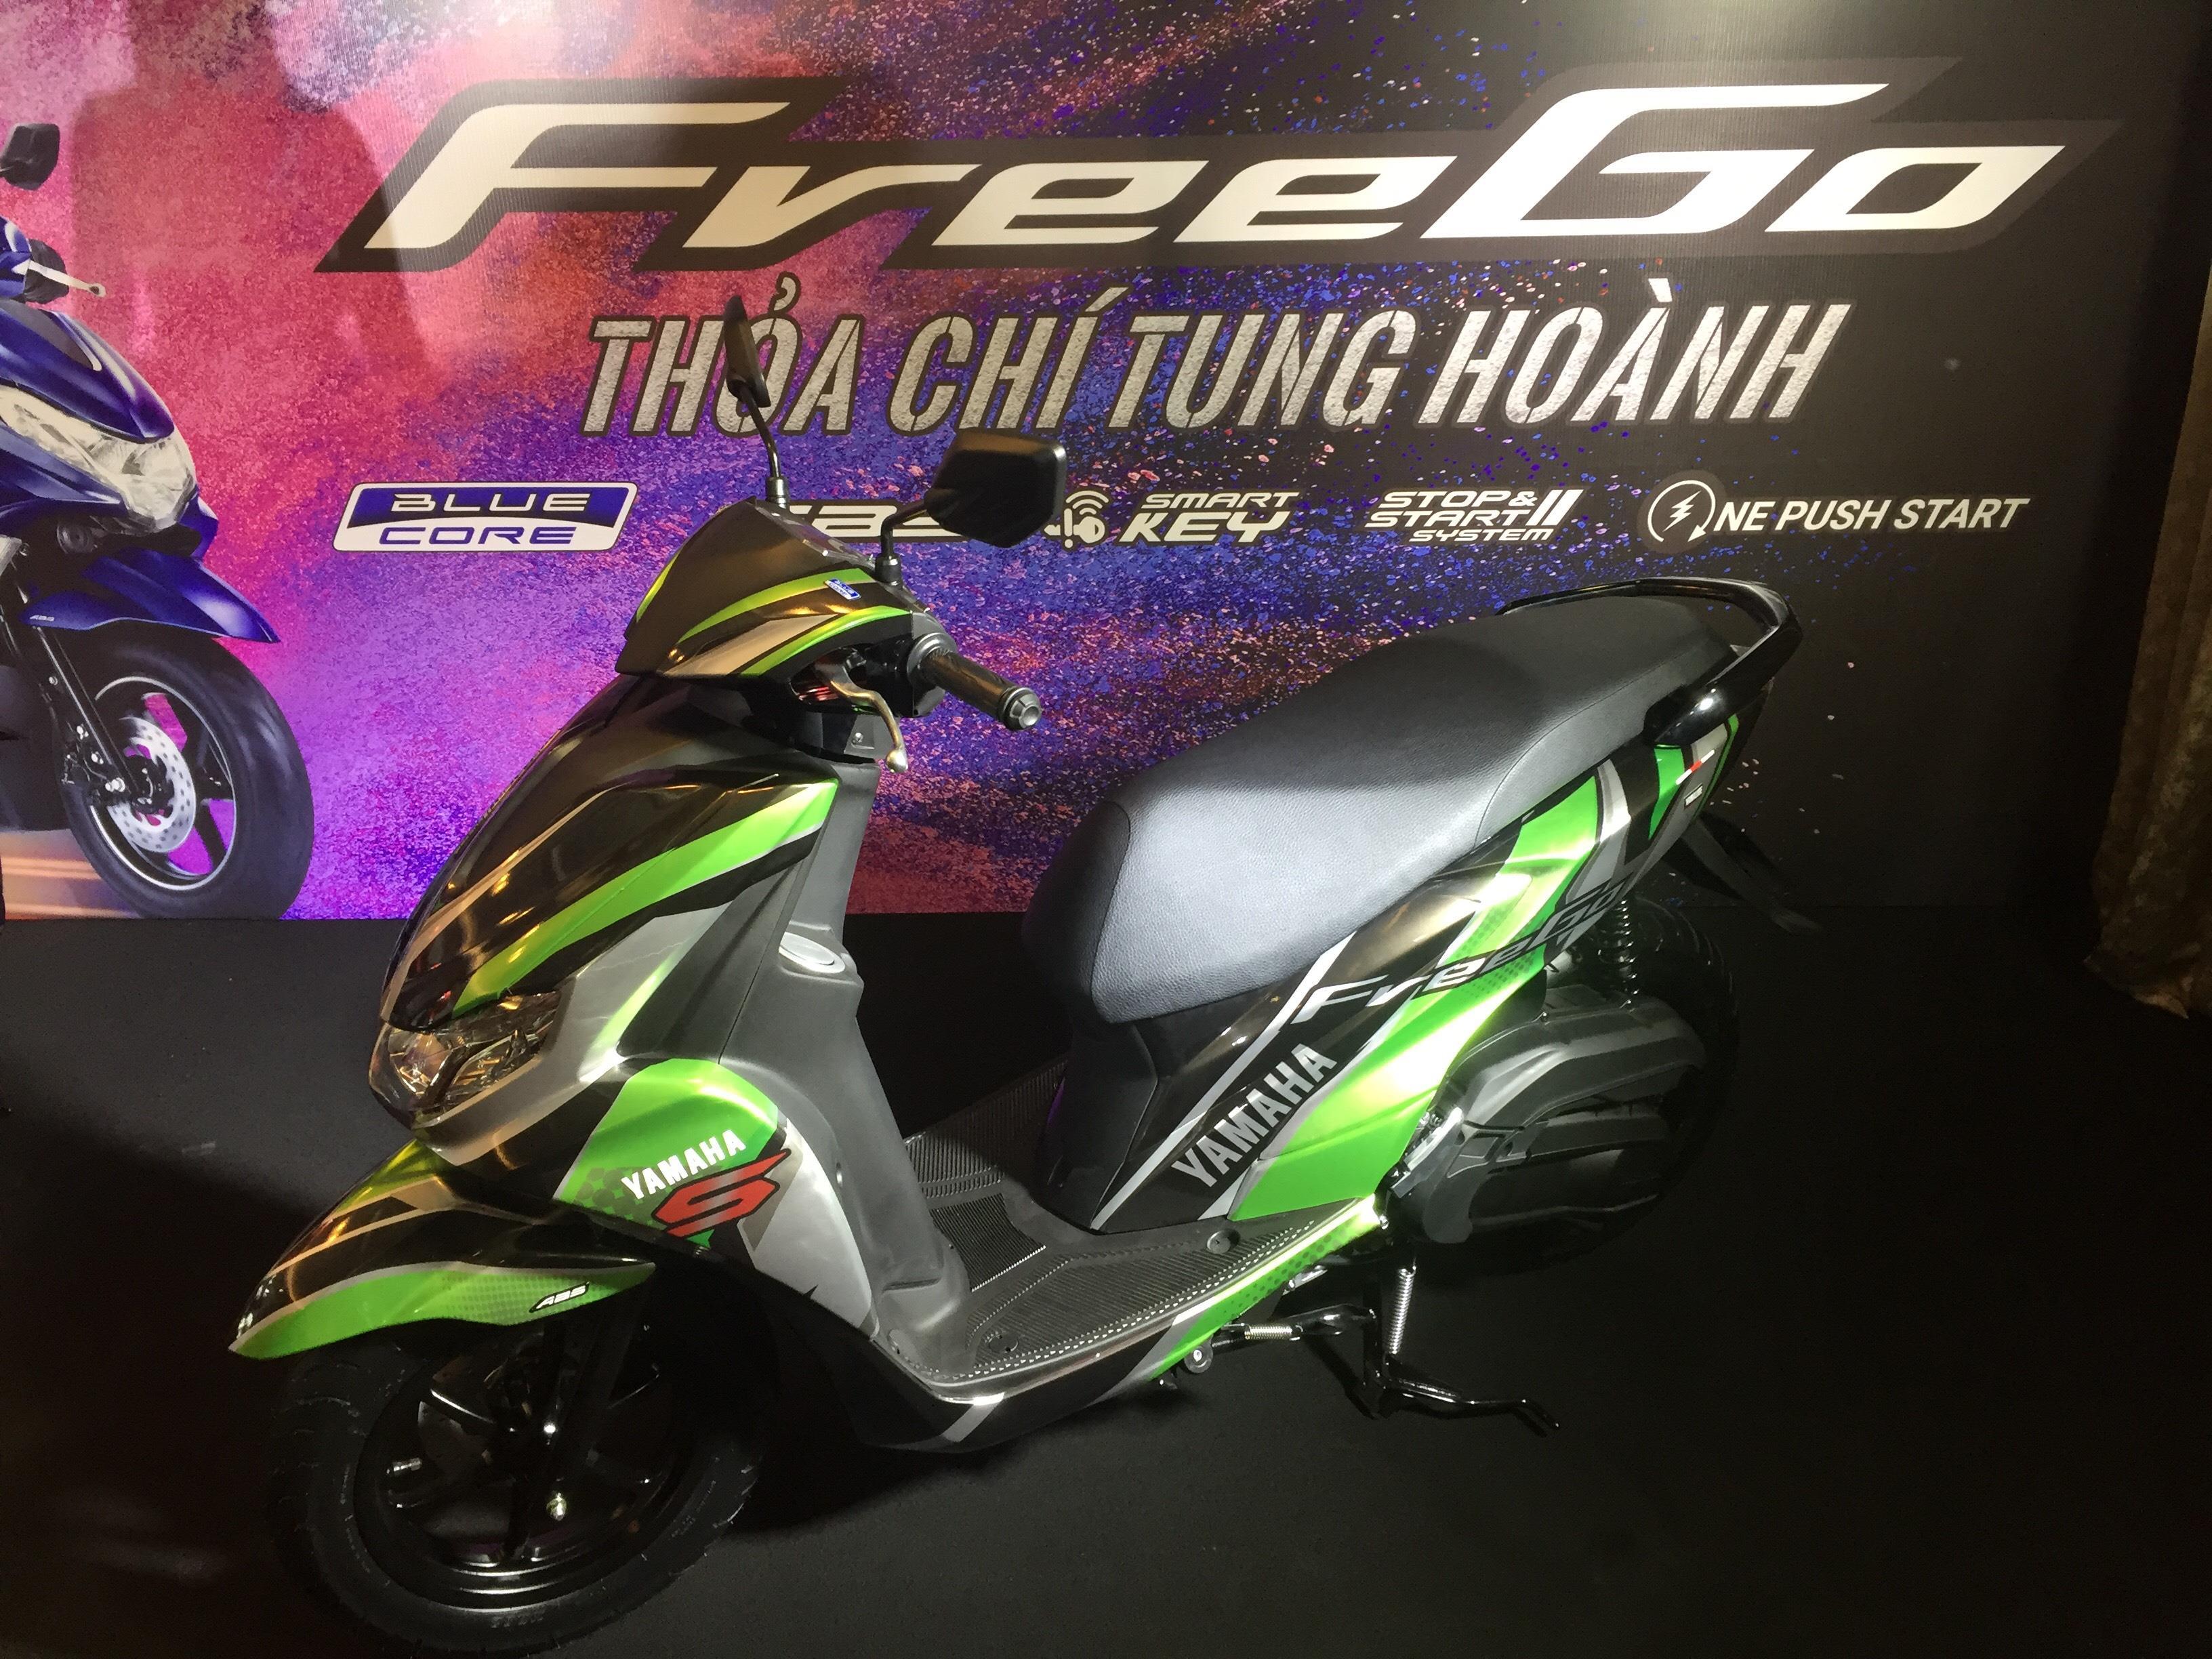 Yamaha Motor Việt Nam giới thiệu mẫu tay ga hoàn toàn mới FreeGo 125 |  Ôtô-Xe máy | Vietnam+ (VietnamPlus)